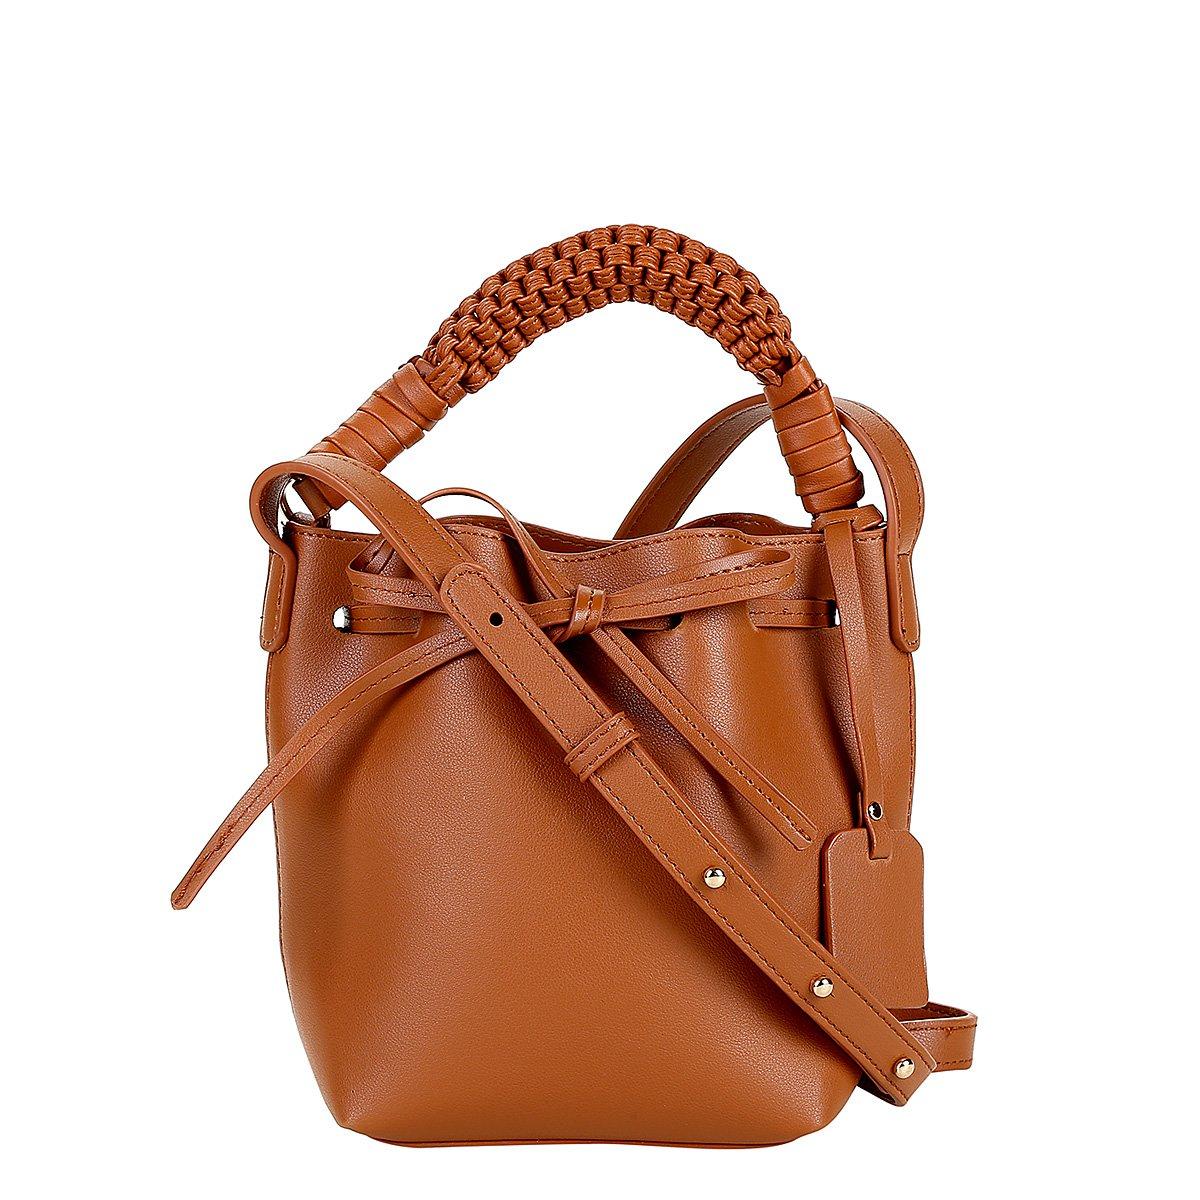 Bolsa Shoestock Mini Bag Bucket Handmade Feminina - Caramelo - Compre Agora   ac822e6175e